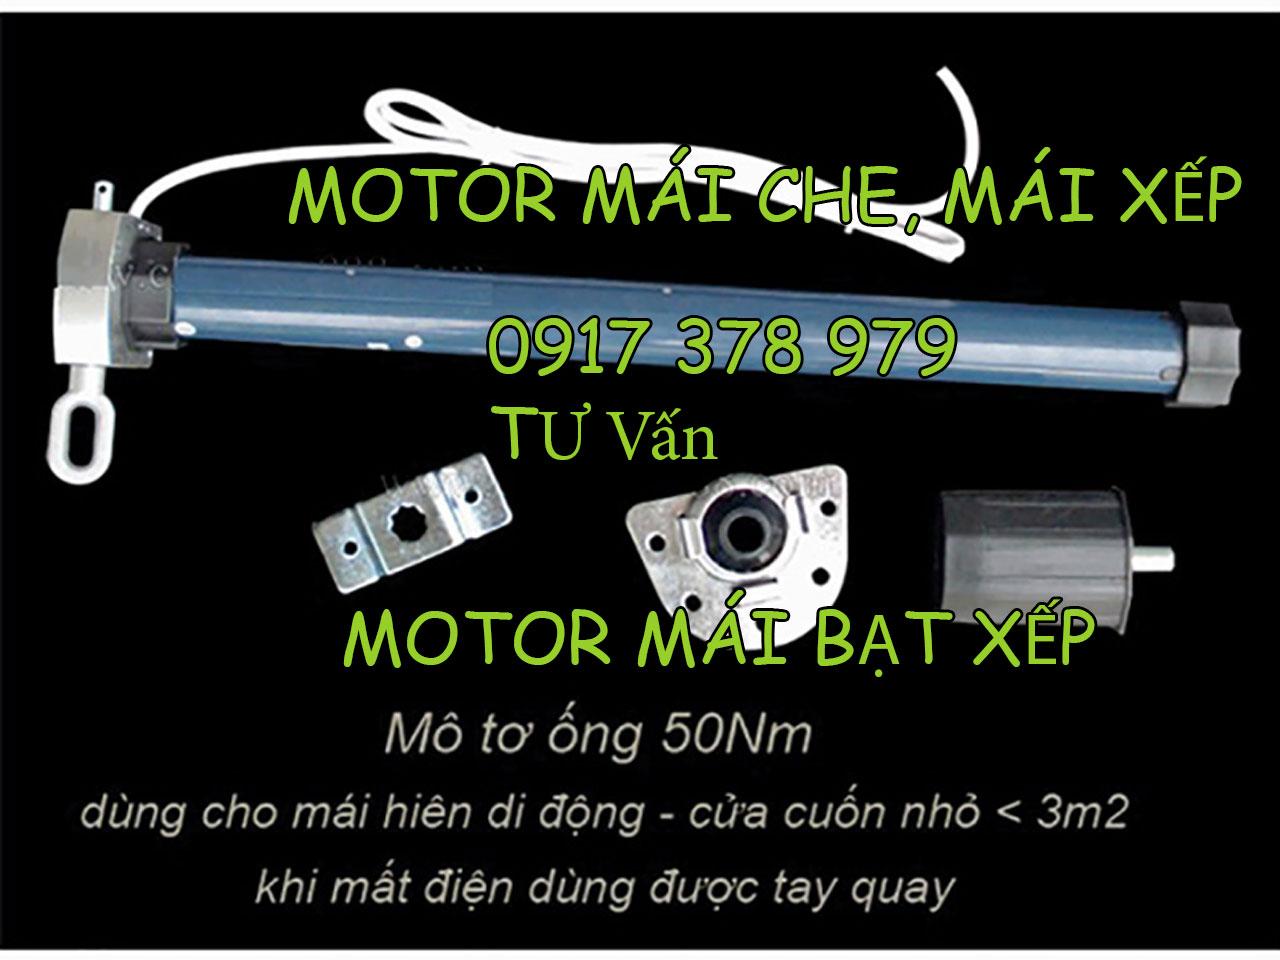 Cung cấp motor mái bạt cuốn mái bạt kéo xếp di động giá rẻ